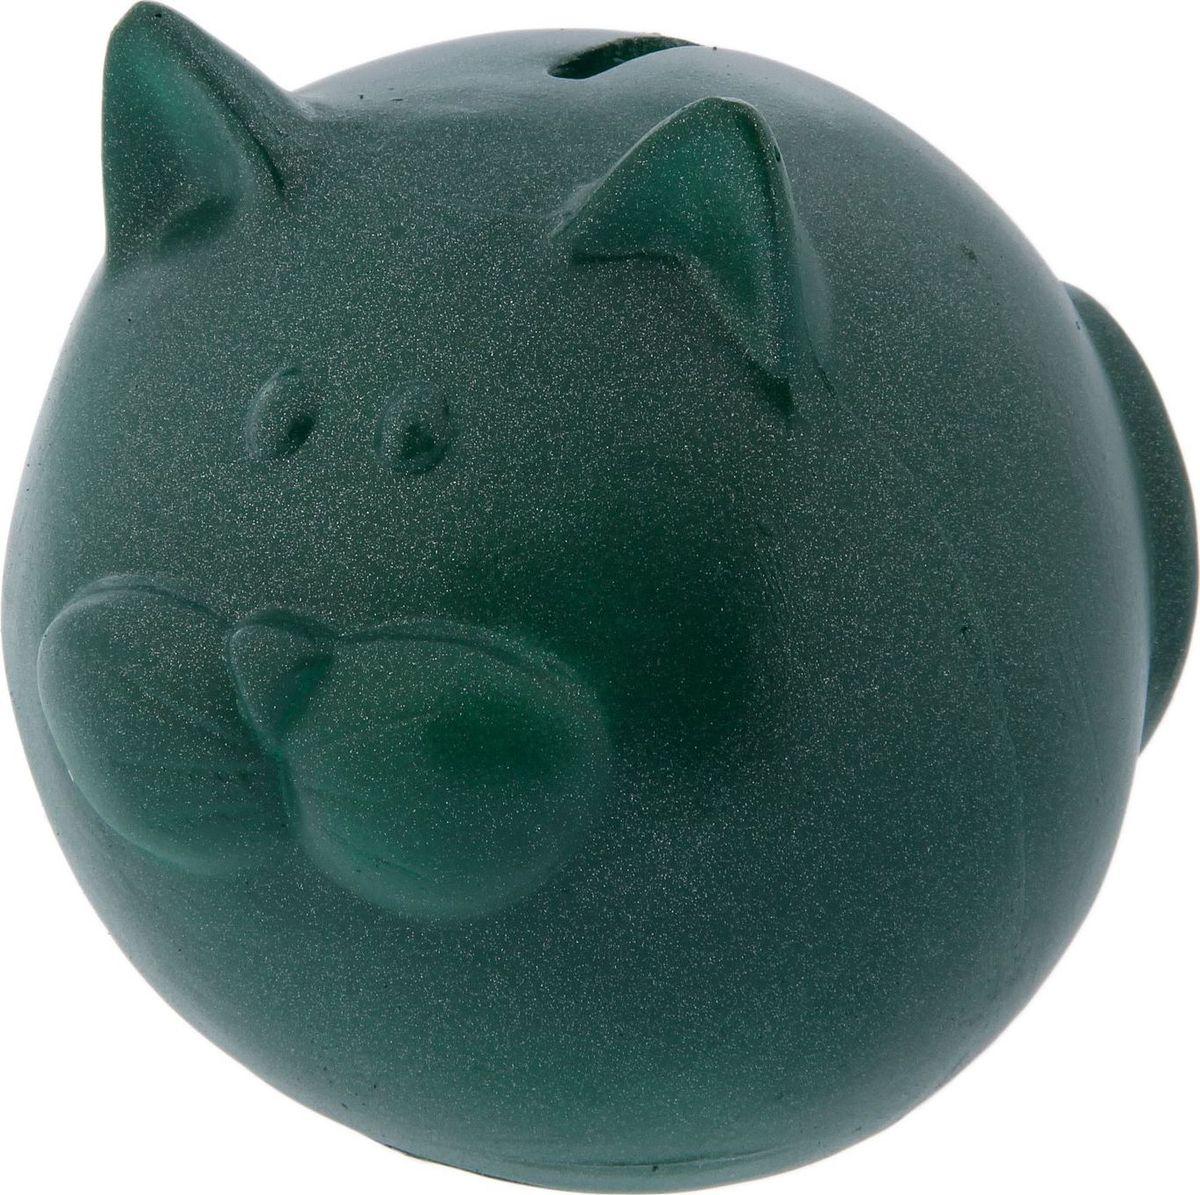 Копилка Кот пузырь, цвет: зеленый, 13,5 х 12 х 13,5 см2387707Копилка — универсальный вариант подарка любому человеку, ведь каждый из нас мечтает о какой-то дорогостоящей вещи и откладывает или собирается откладывать деньги на её приобретение. Вместительная копилка станет прекрасным хранителем сбережений и украшением интерьера. Она выглядит так ярко и эффектно, что проходя мимо, обязательно захочется забросить пару монет. Обращаем ваше внимание, что копилка является одноразовой.